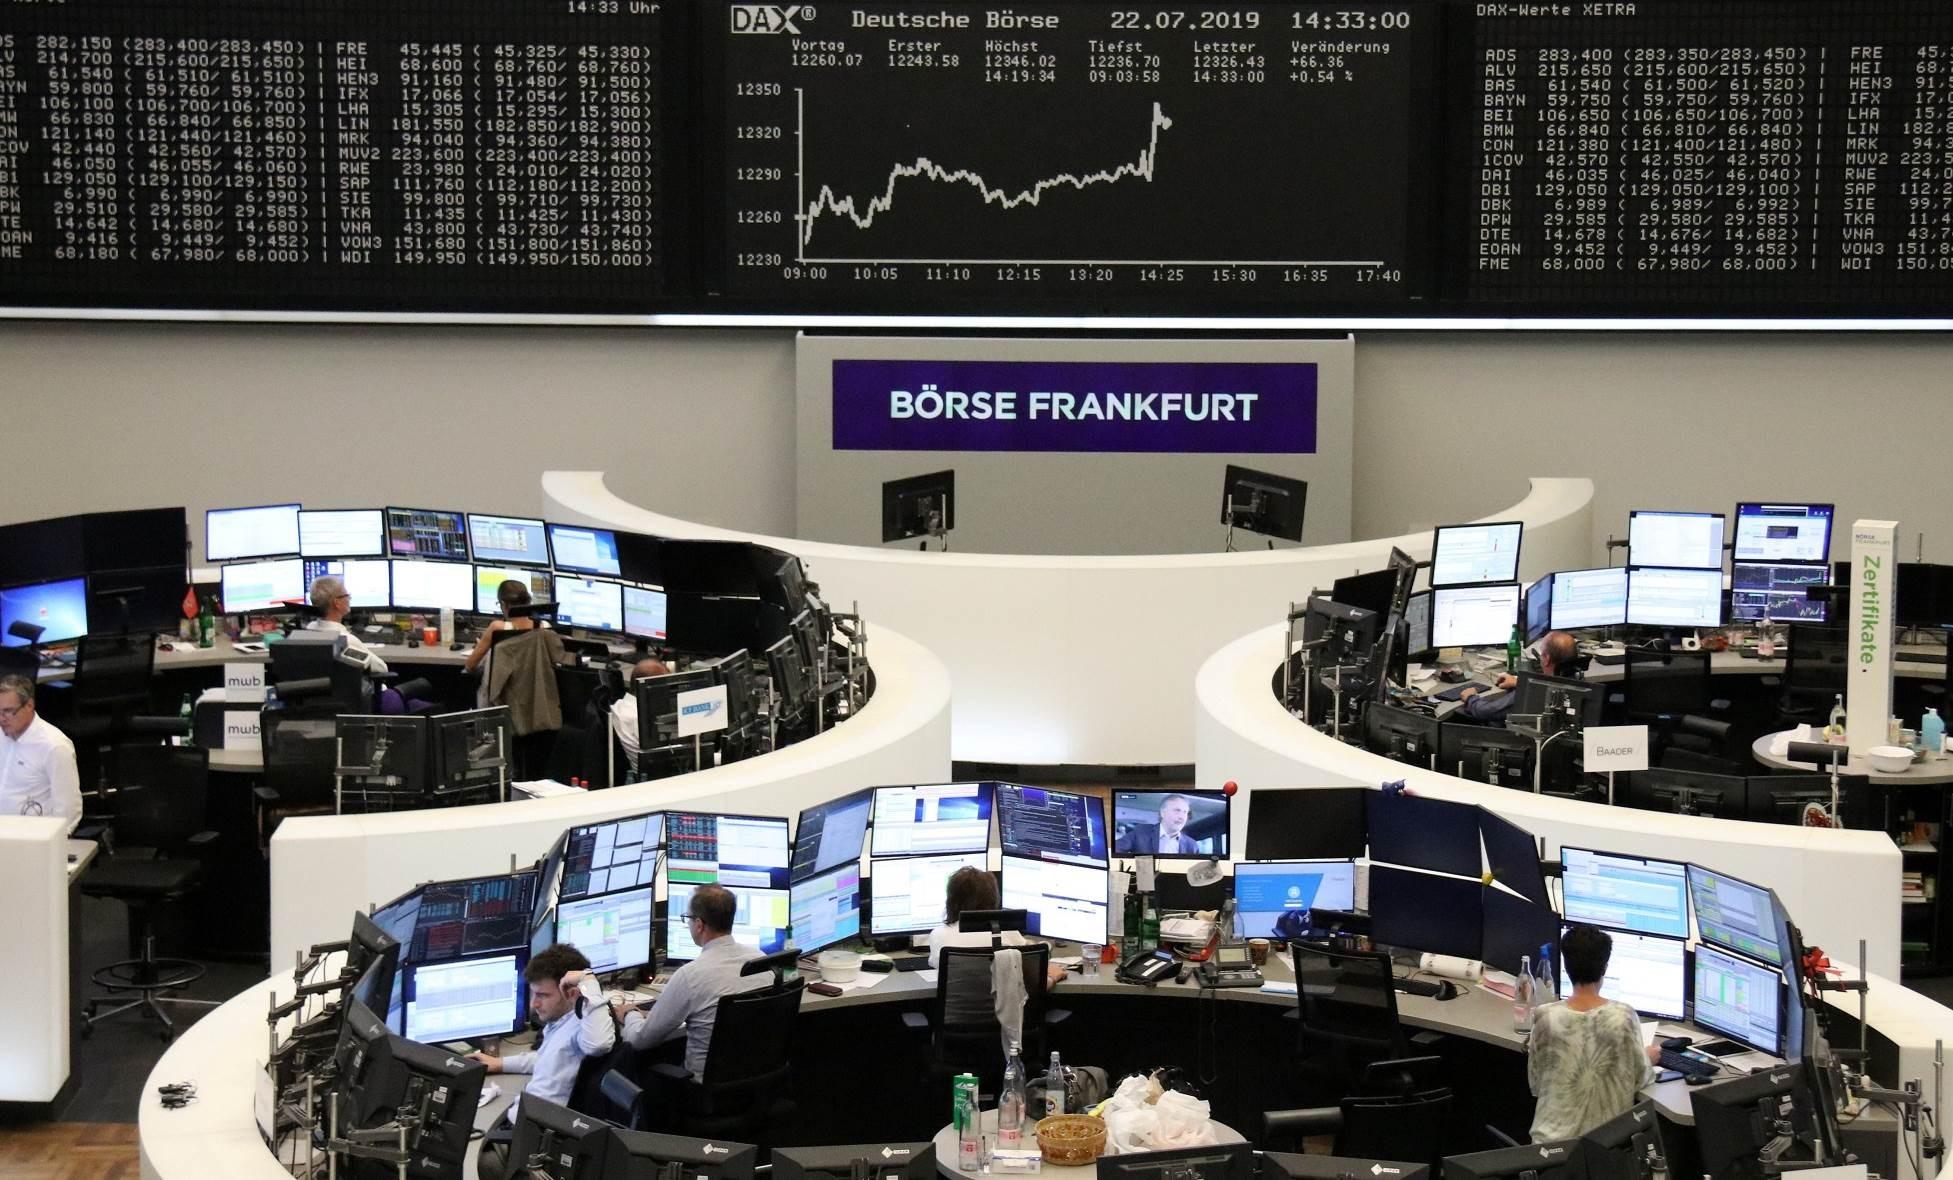 أسواق الأسهم الأوروبية ترتفع في التعاملات المبكرة